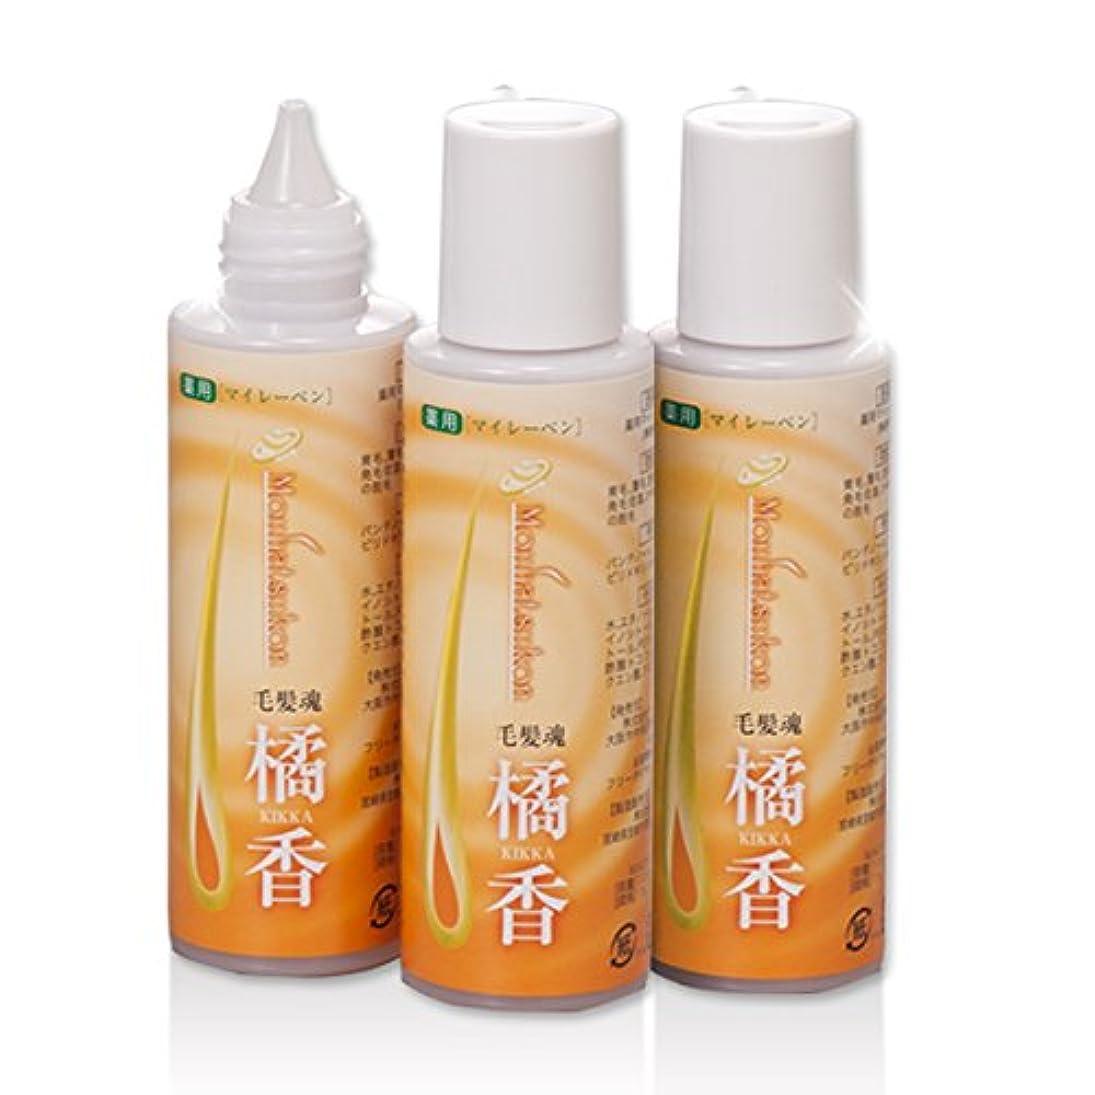 無効広々としたベジタリアン薬用育毛剤「毛髪魂マイレーベン橘香」 3本セット